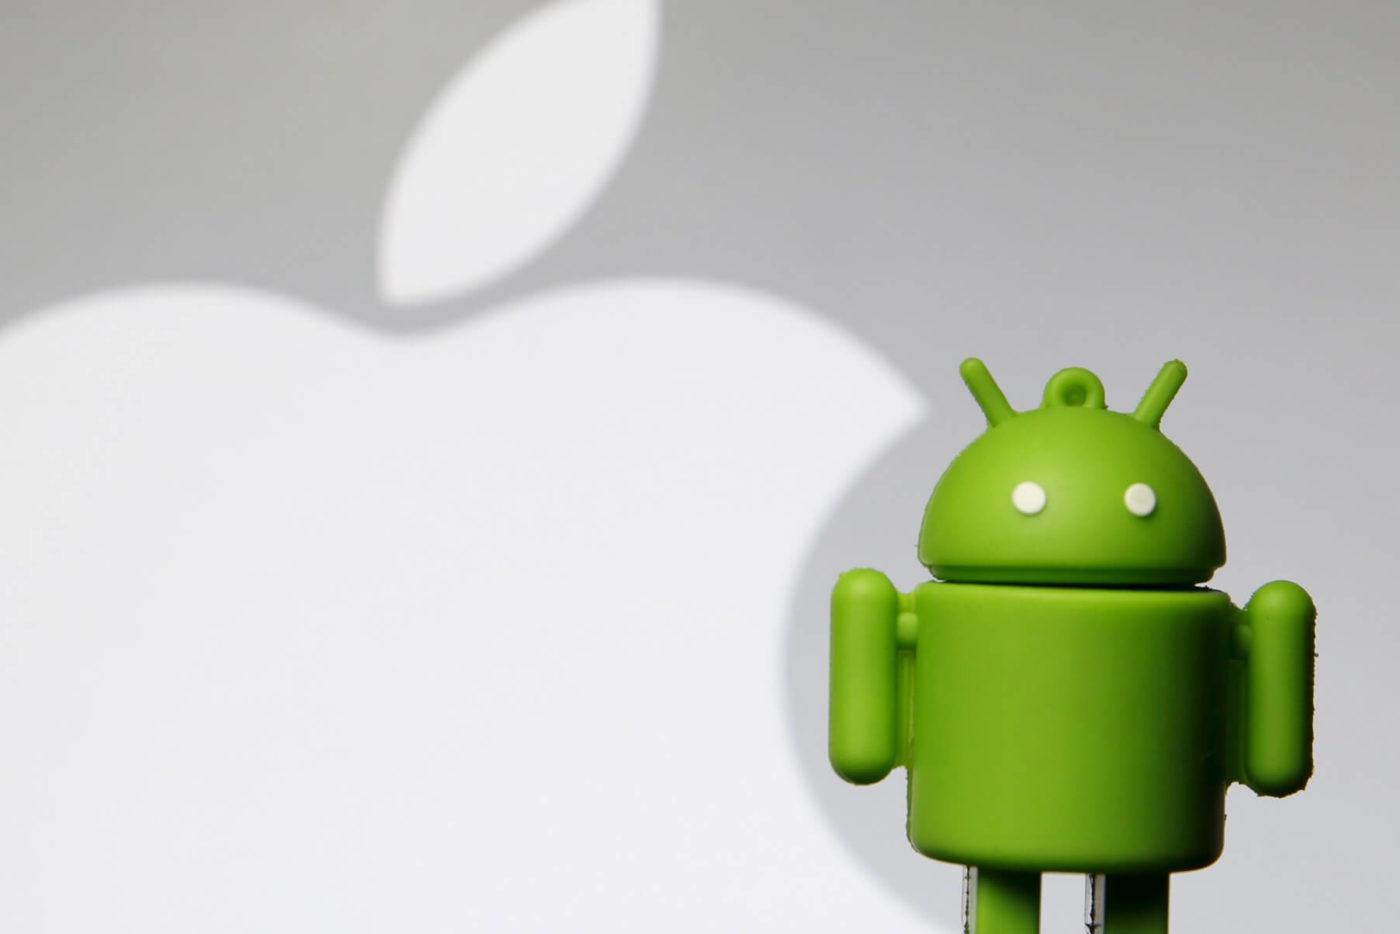 Статьи: От Android к iOS. Преимущества разработки на обеих платформах